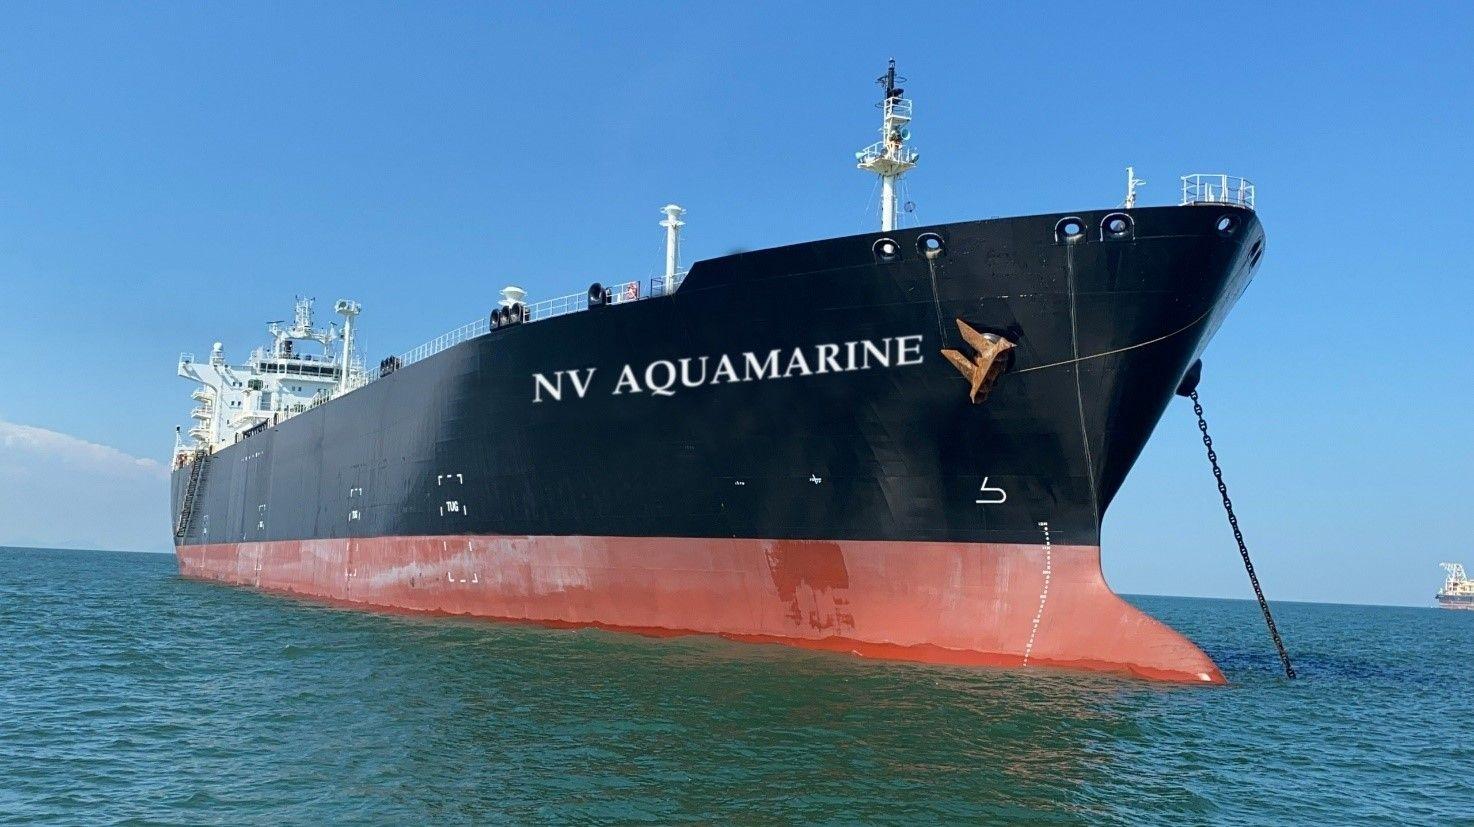 đã tổ chức tiếp nhận thành công đầu tư chở khí hóa lỏng lạnh loại VLGC đầu tiên của PVTrans – Tàu NV Aquamarine.